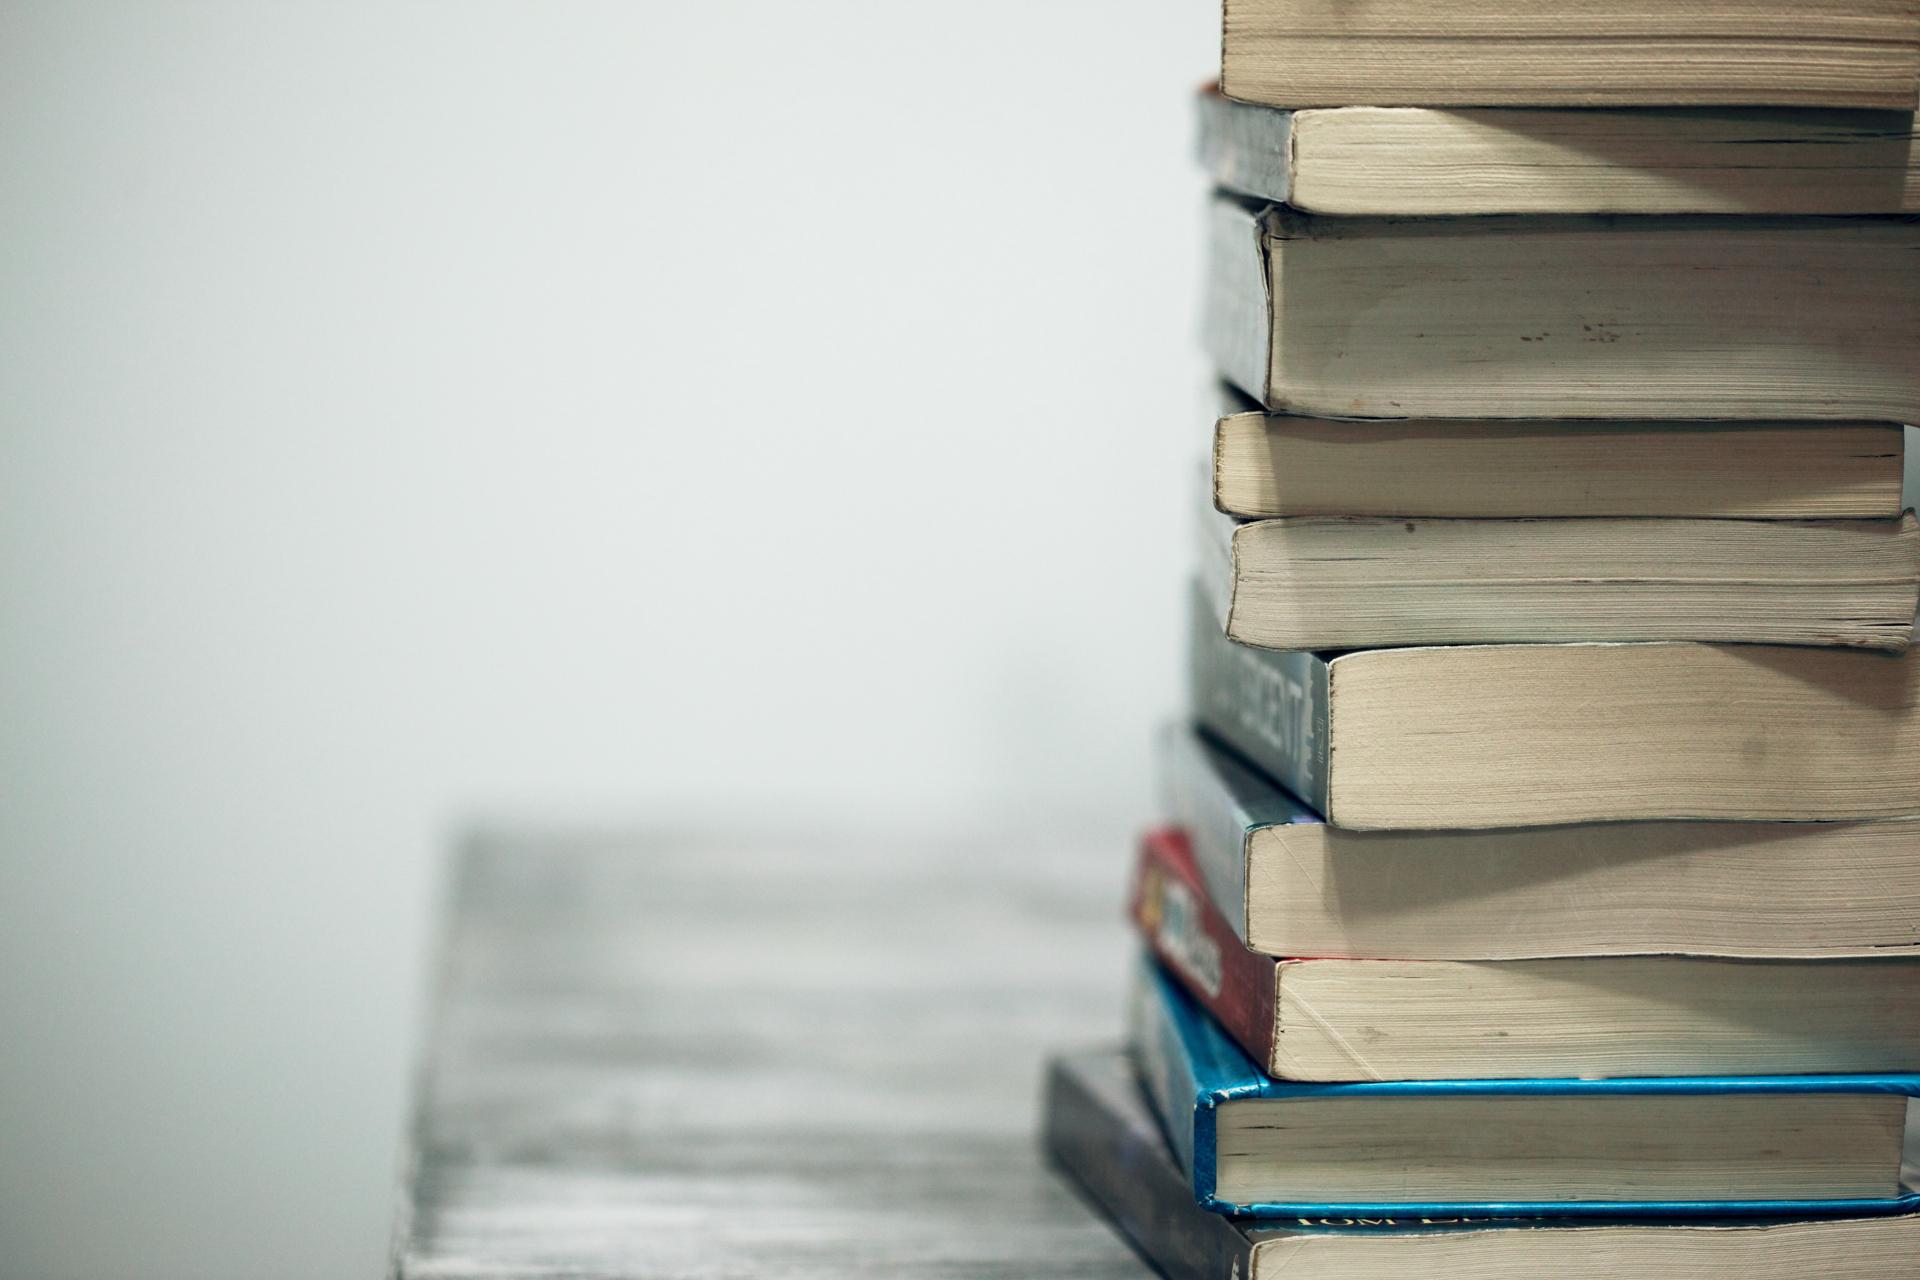 Hablando de libros (enero-marzo 2019)